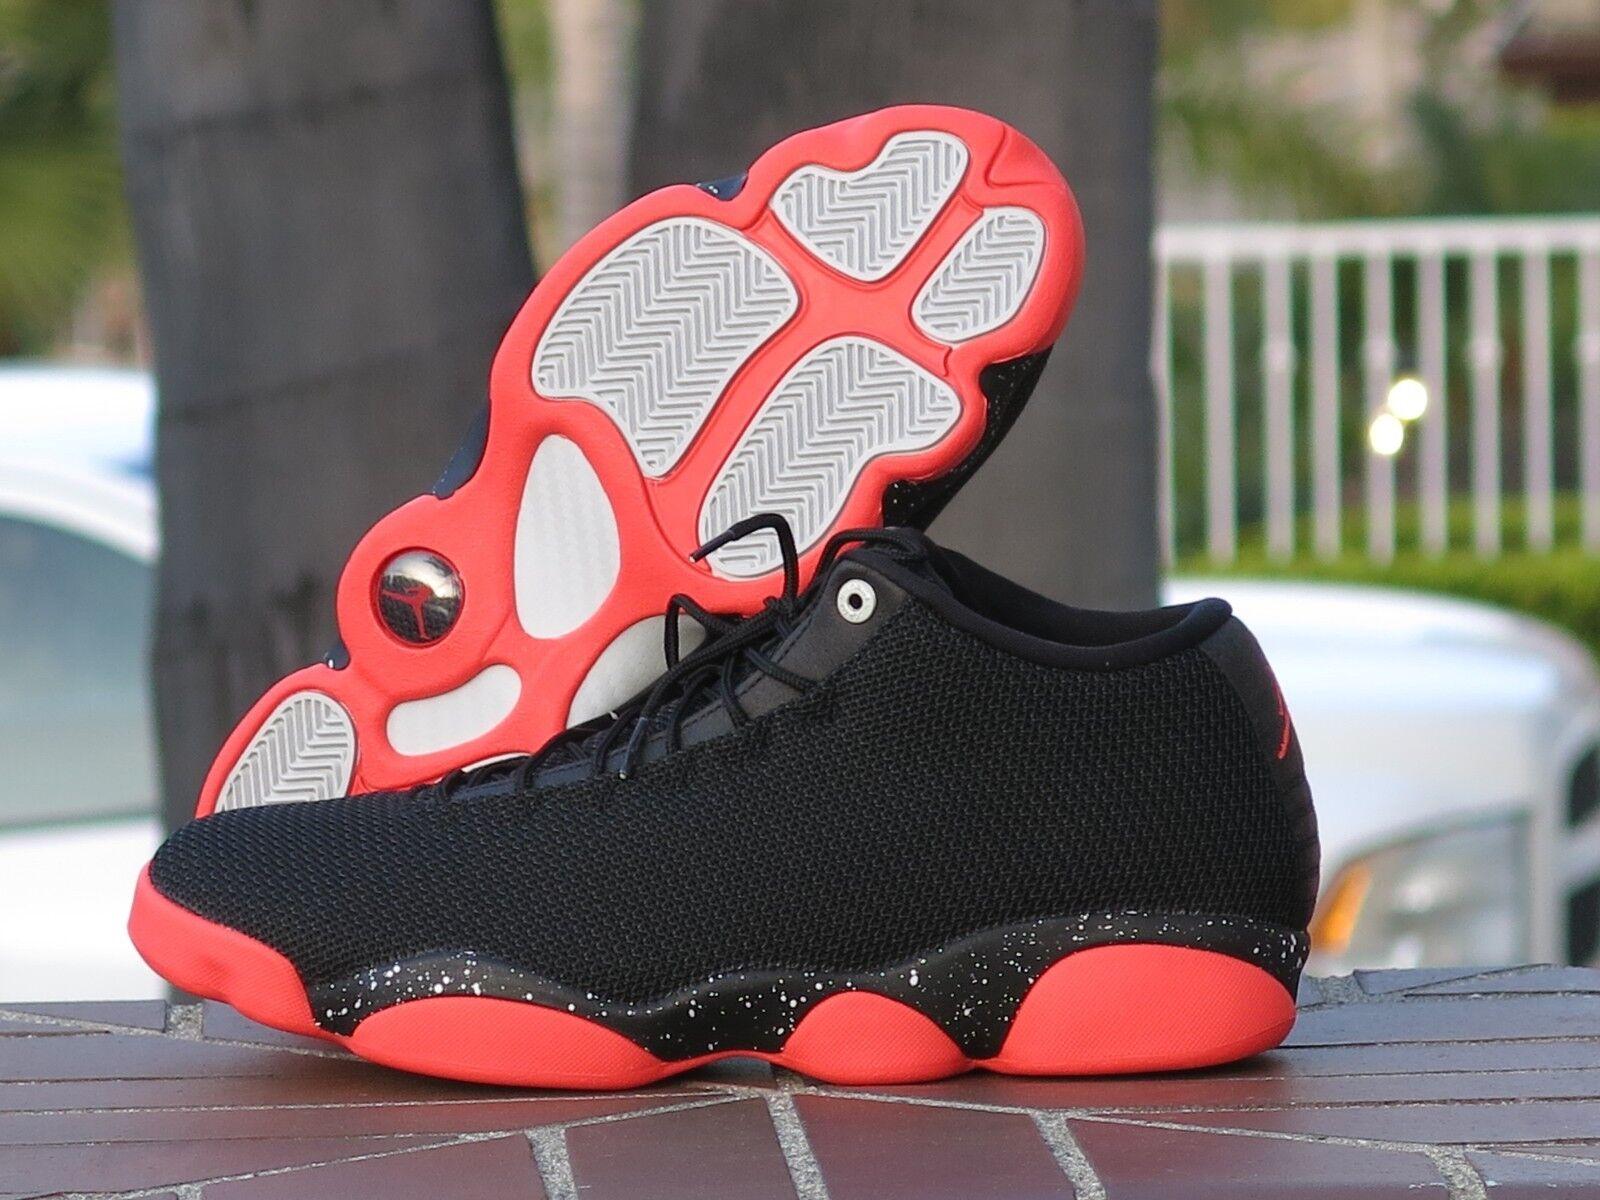 Nike Jordan Horizon Low Men's Basketball Sneakers 845098-060 SZ 13